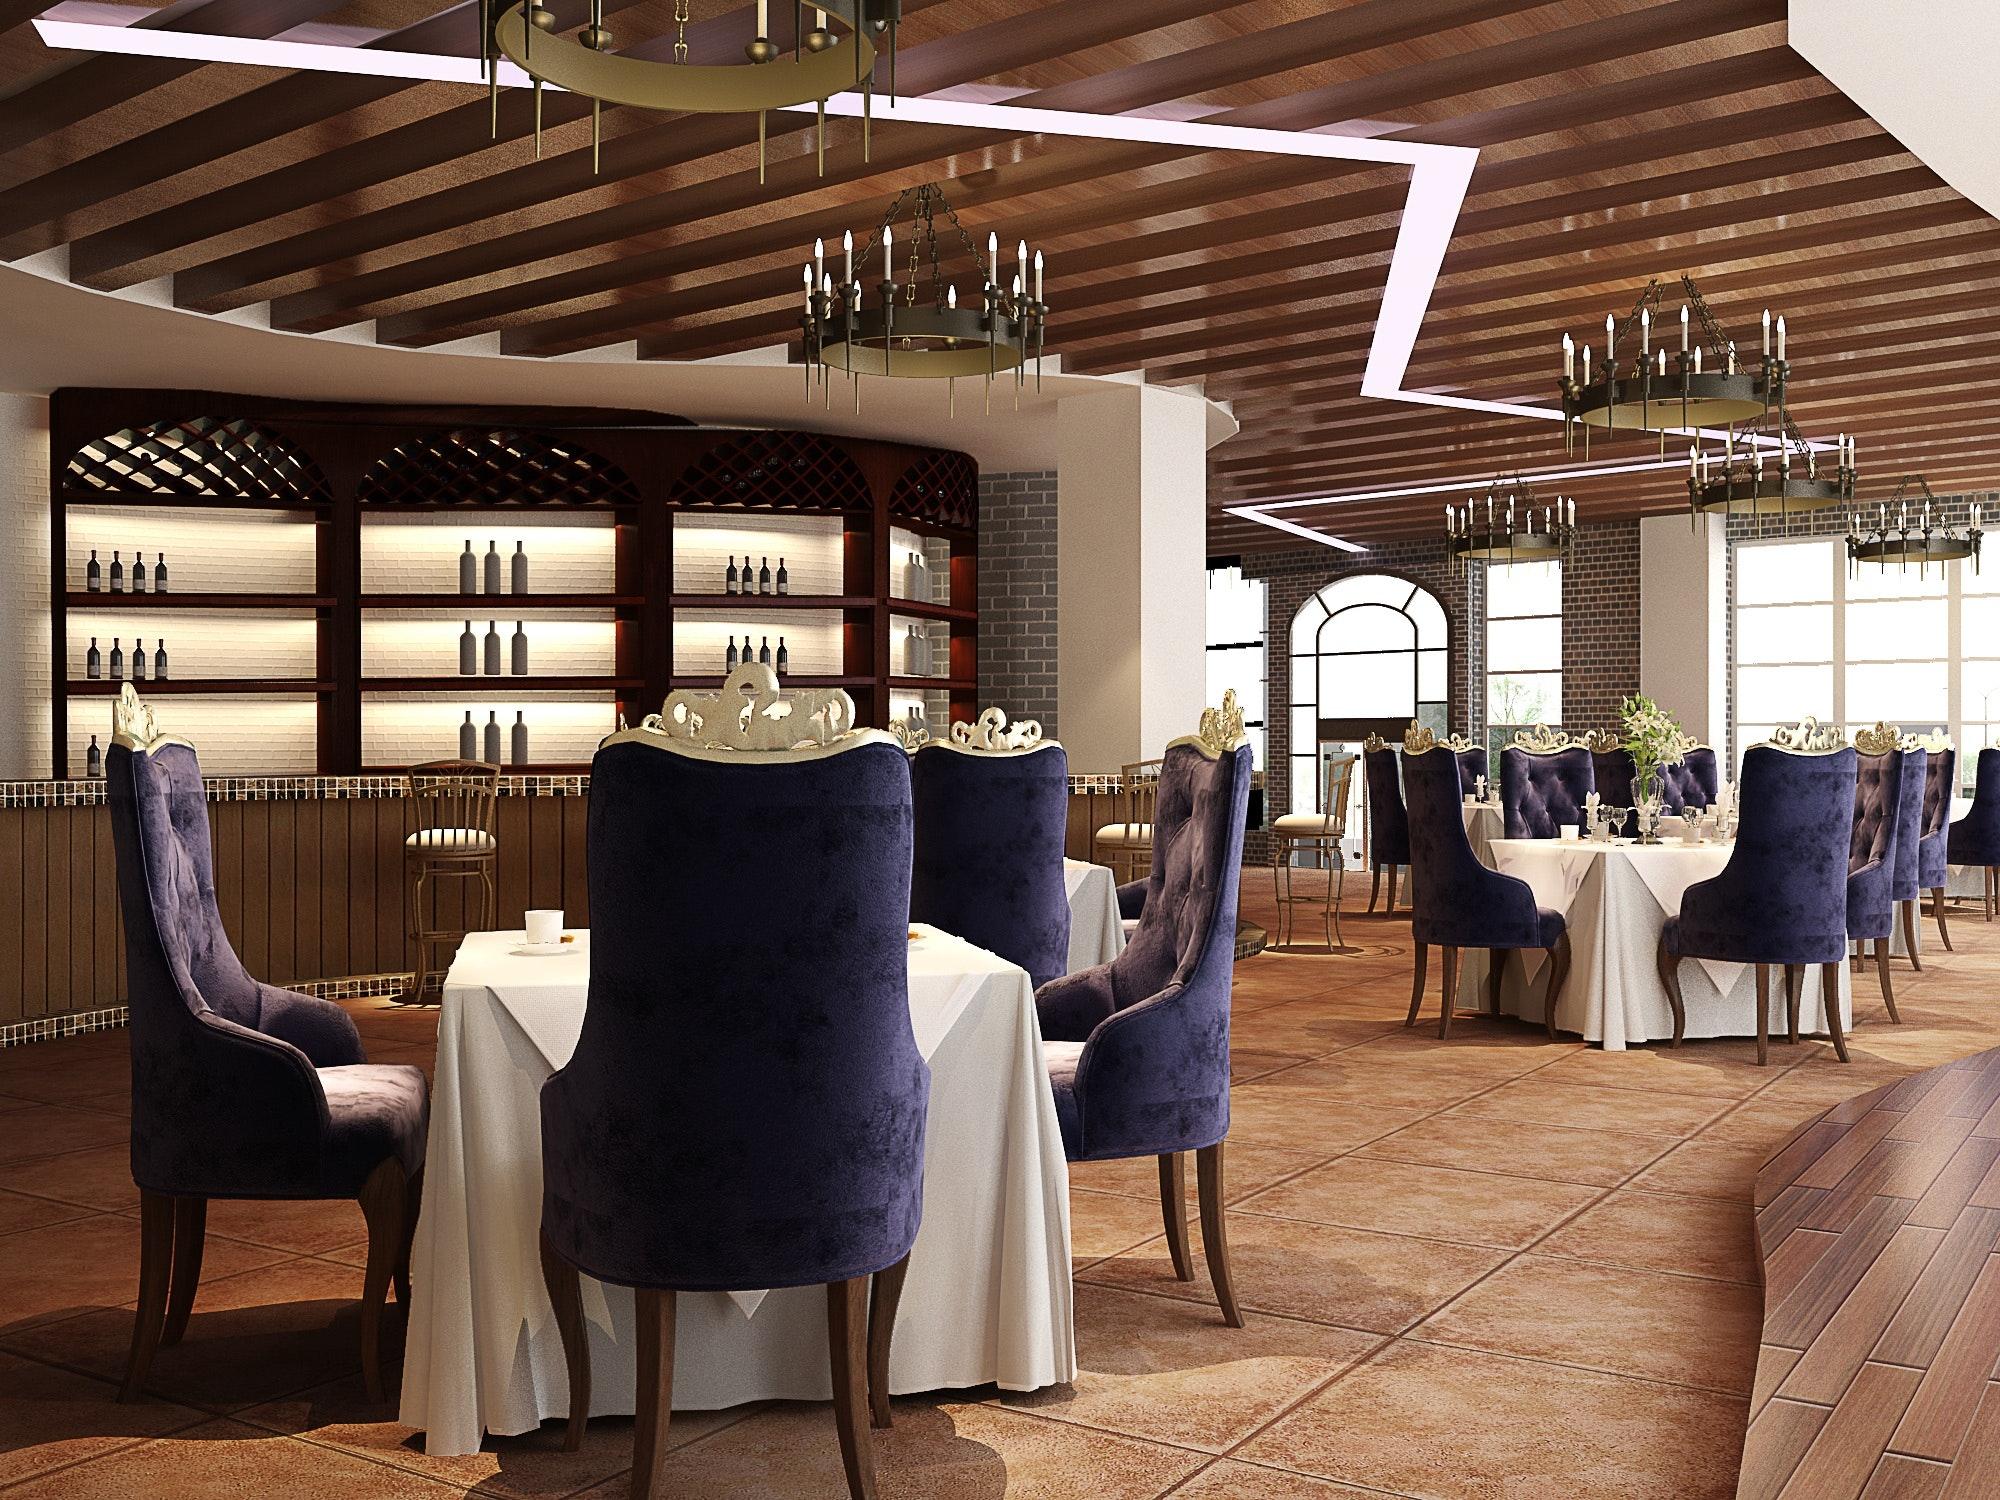 Söker du catering i Stockholm? Vänd dig till en restaurang i Nacka för god och prisvärd mat | Biztrends